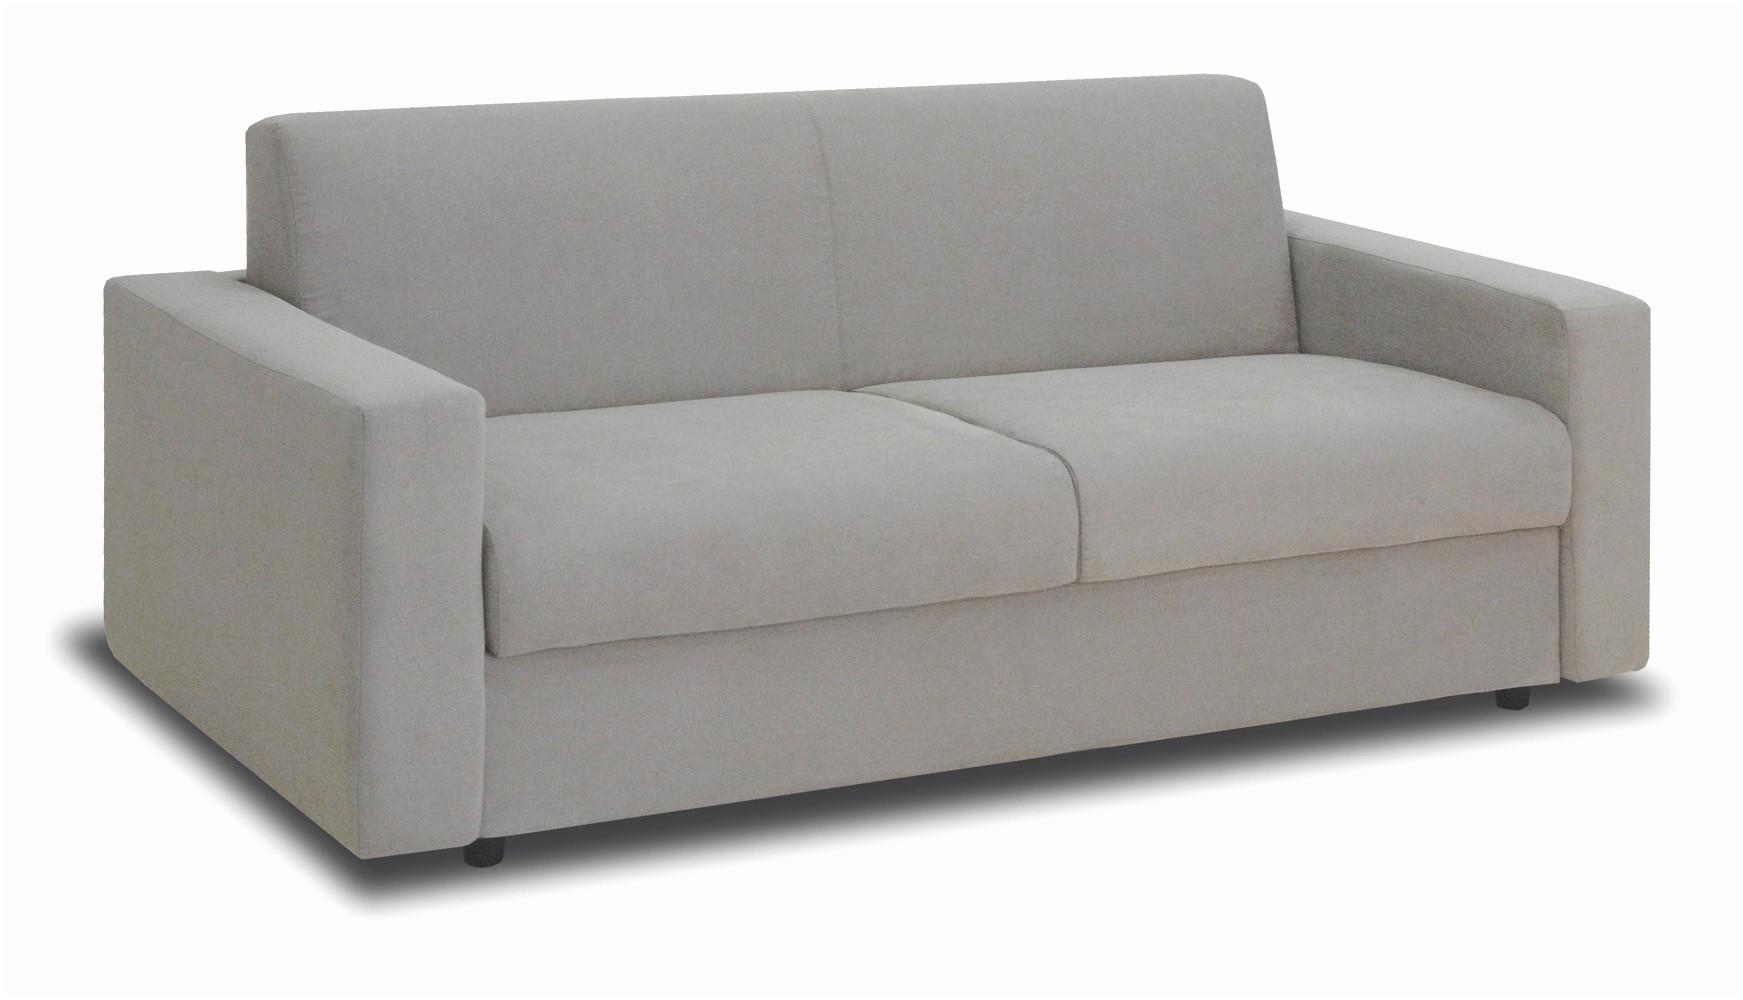 canap bz alinea l gant photographie housse canape bz. Black Bedroom Furniture Sets. Home Design Ideas